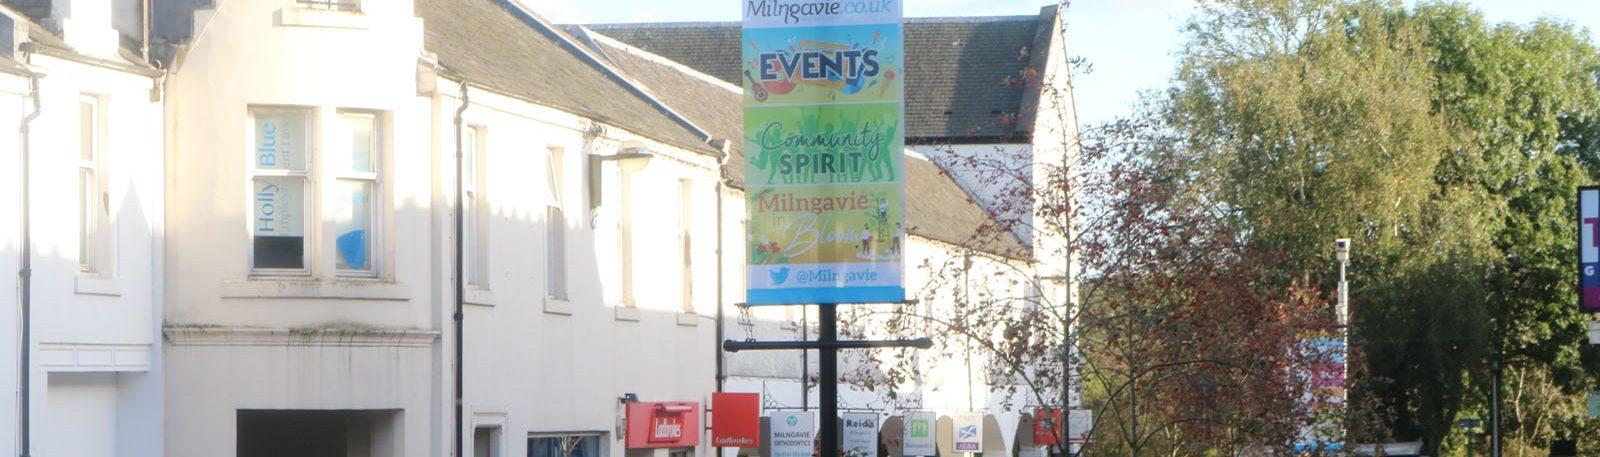 Milngavie Main Street full of quality retailers